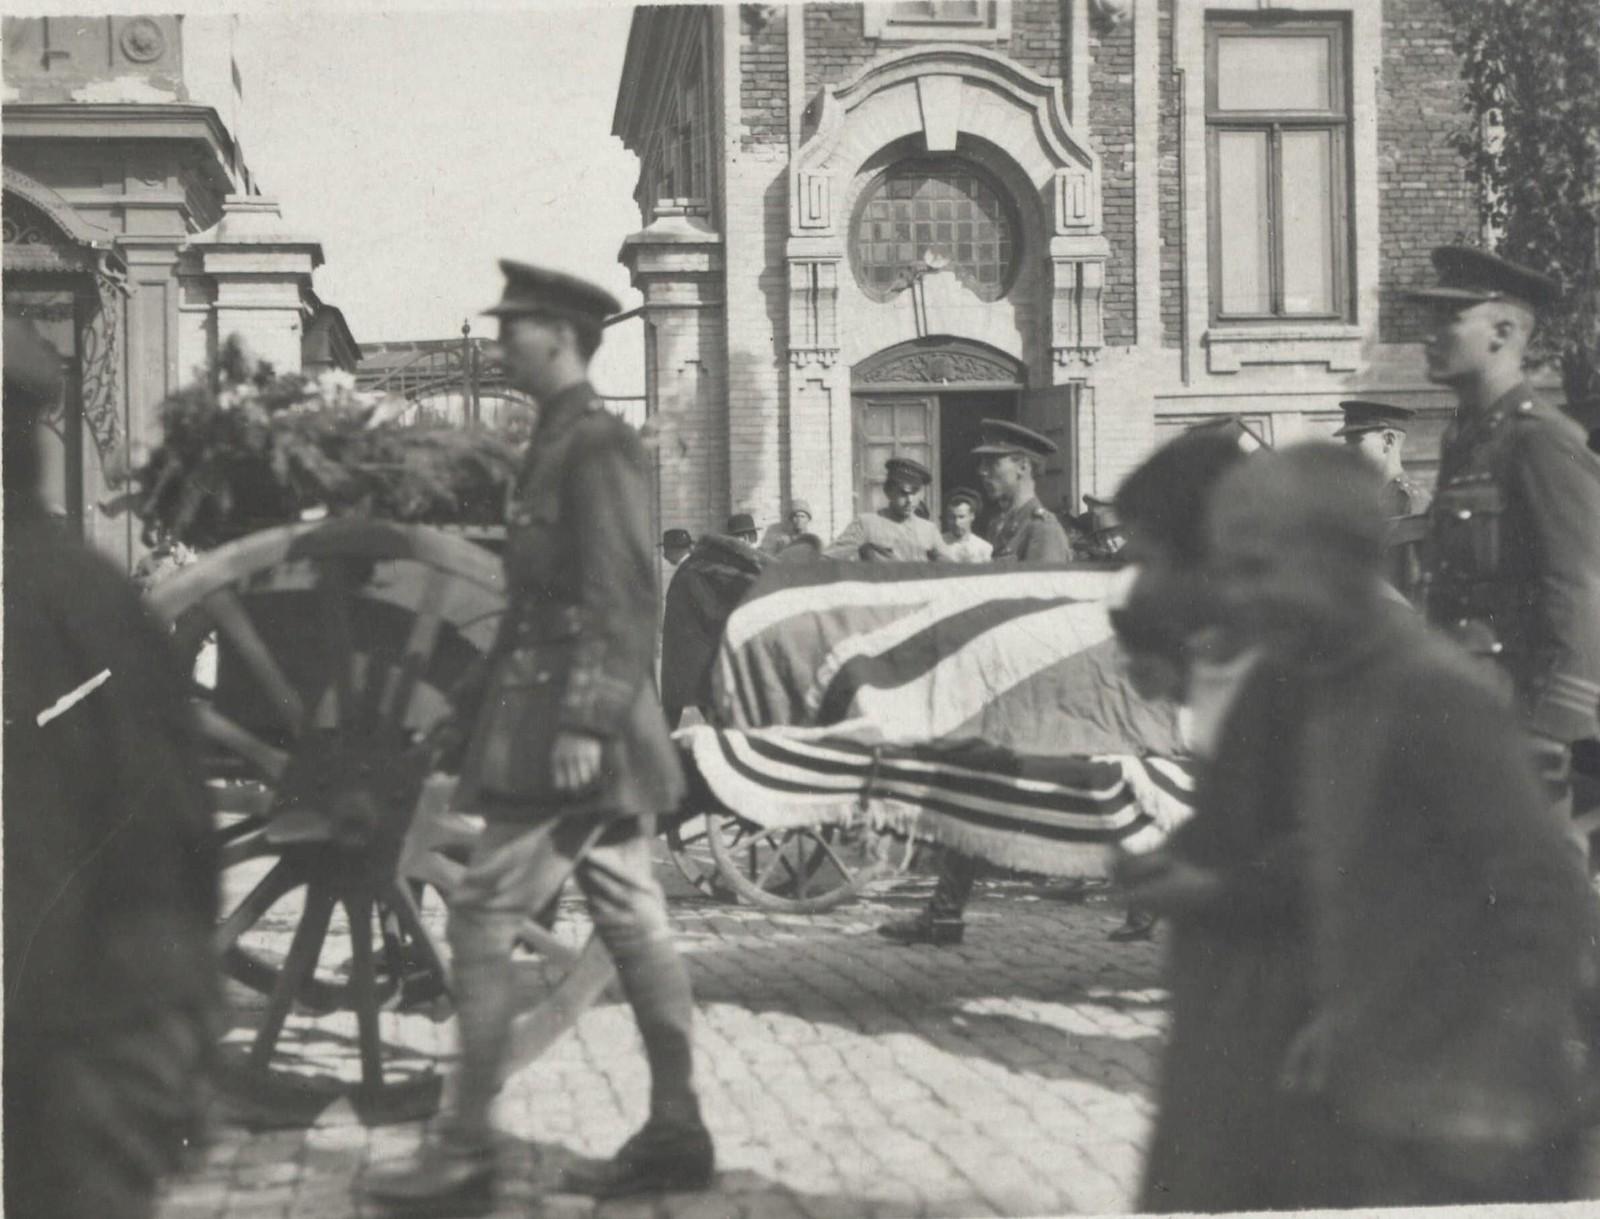 499. 1919. Похороны английского офицера в Таганроге